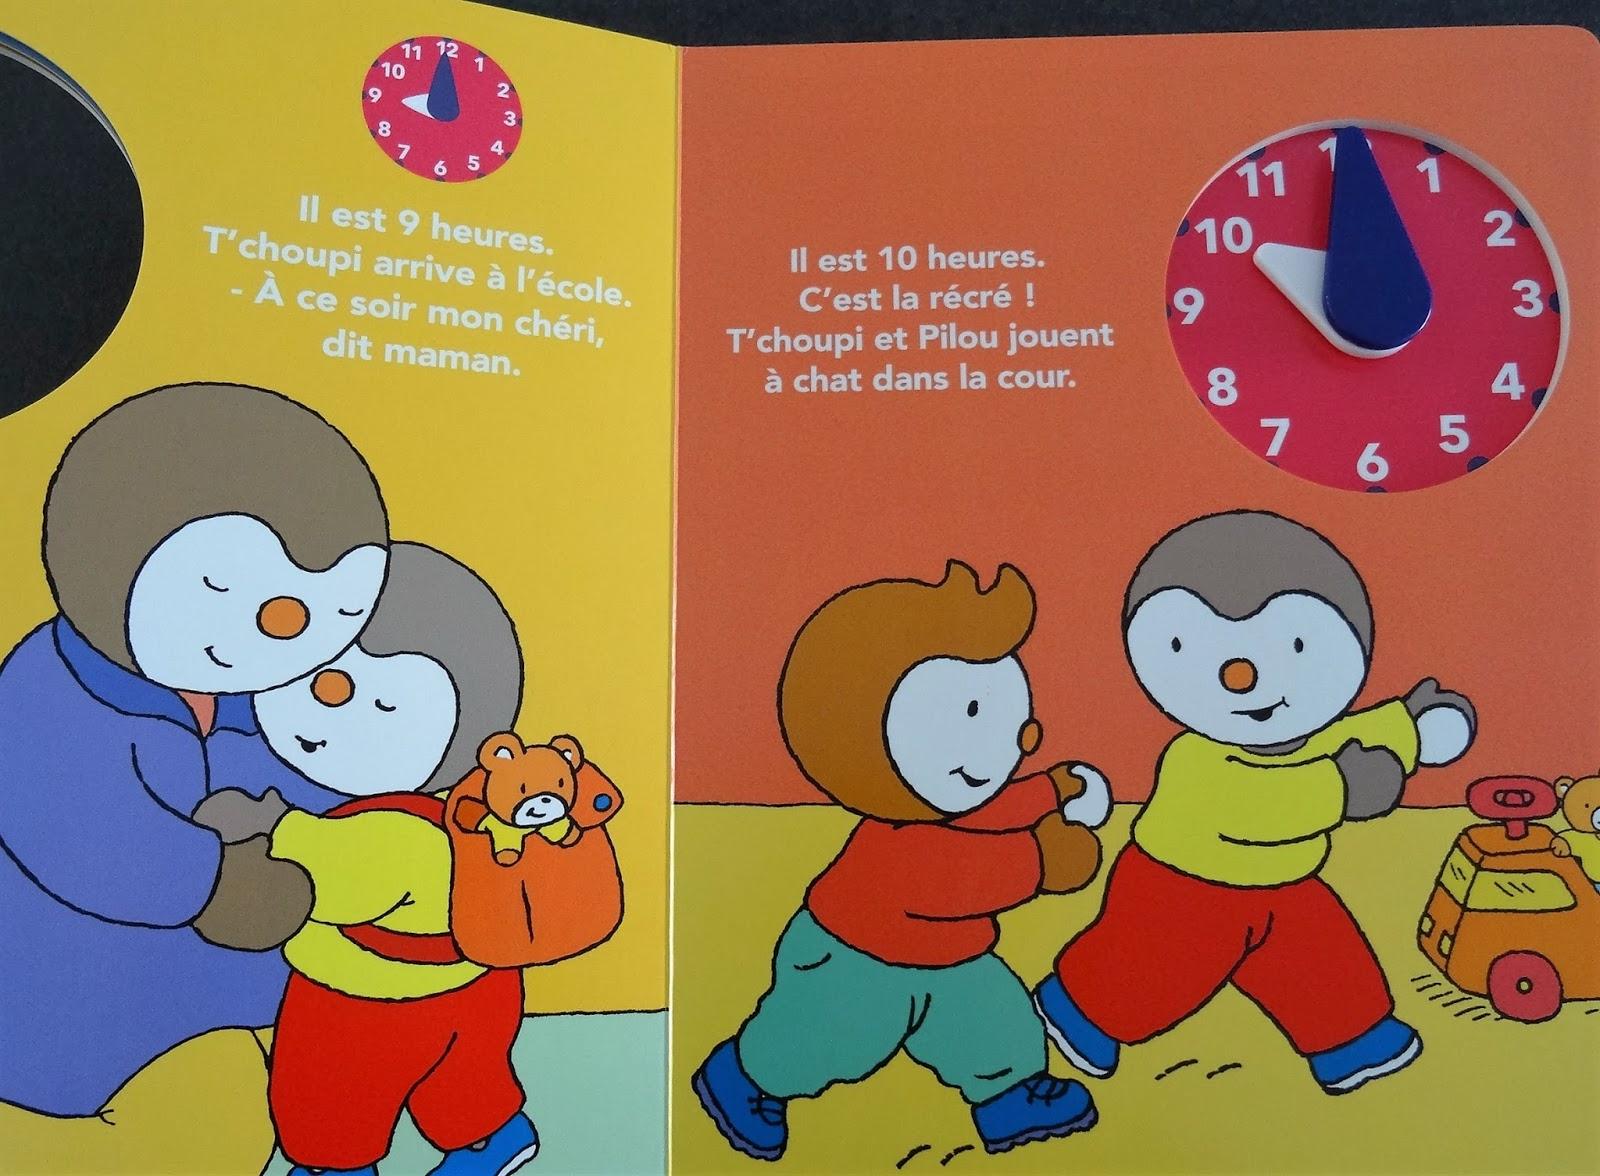 Les Mercredis De Julie: [Livre Horloge] T'Choupi Ma Journée intérieur Tchoupi A L'Ecole Saison 1 Telechargement